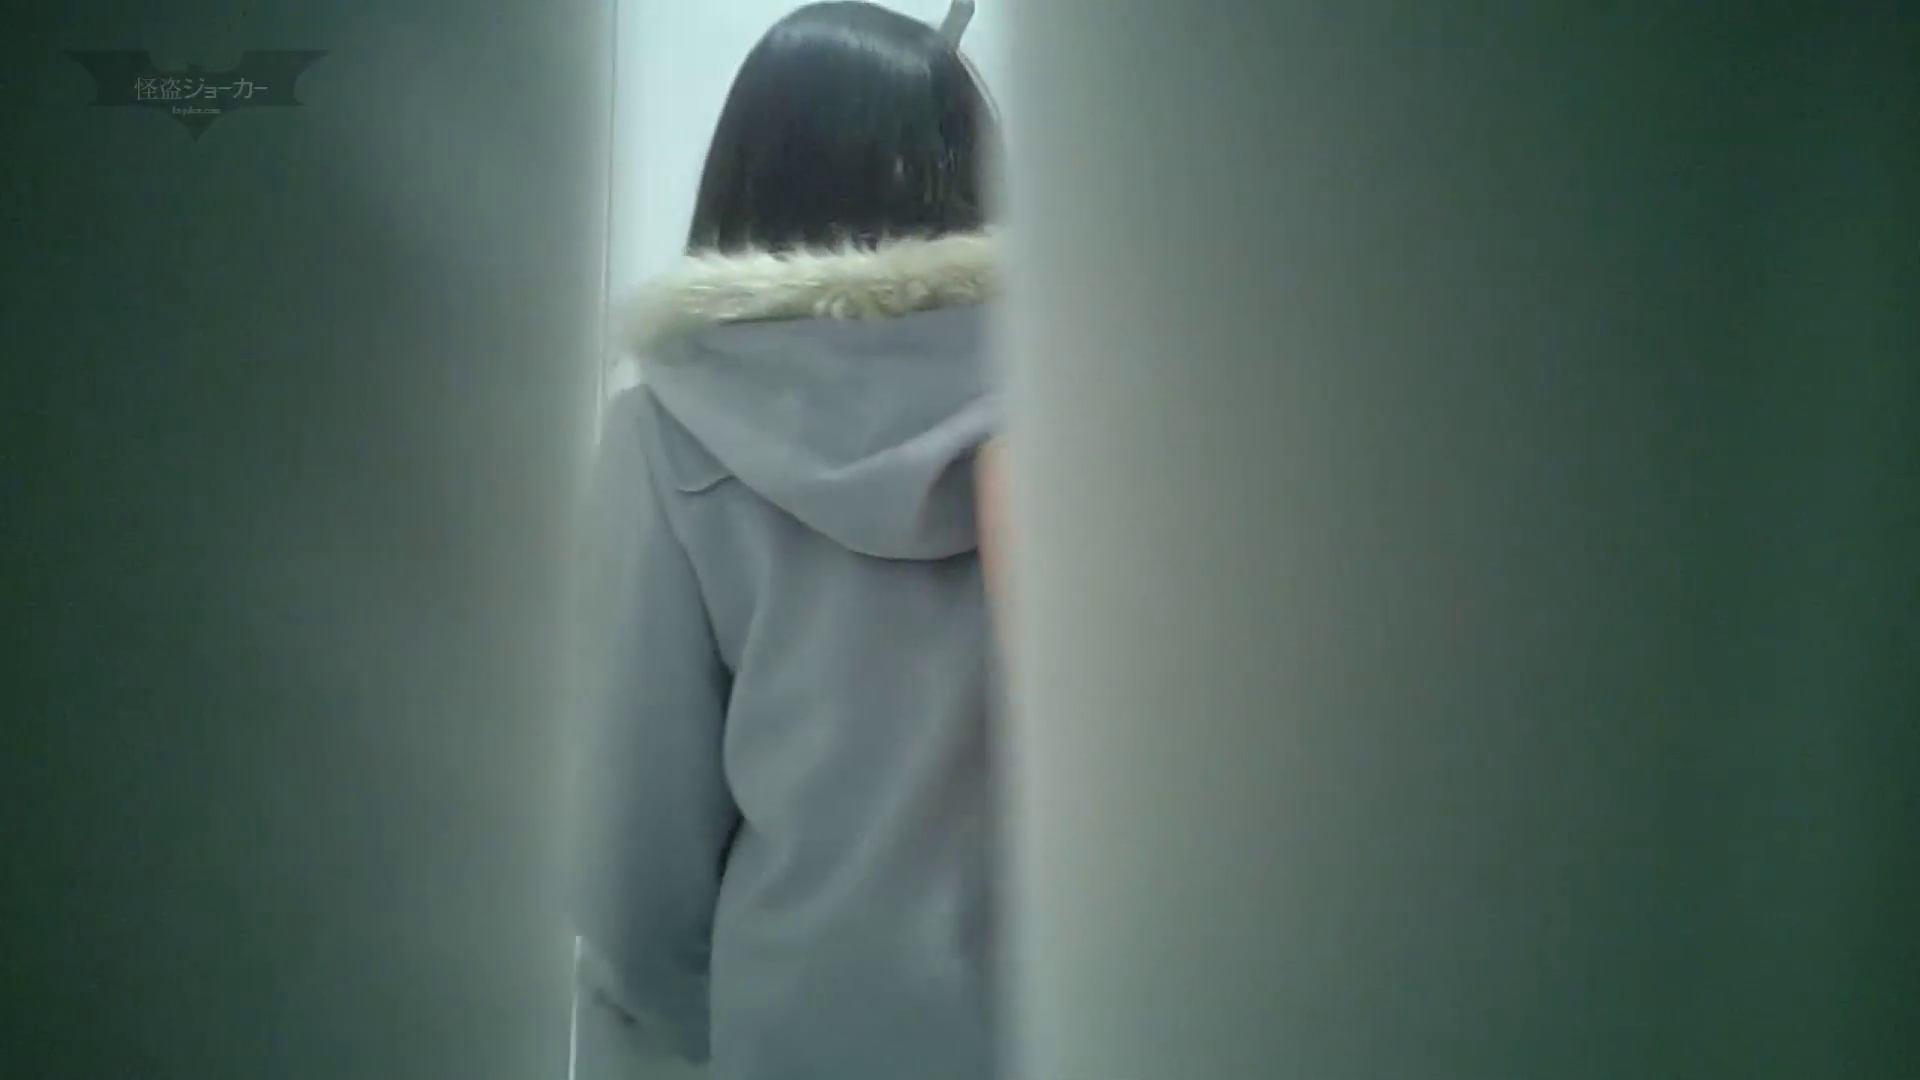 有名大学女性洗面所 vol.57 S級美女マルチアングル撮り!! マルチアングル  80PIX 55